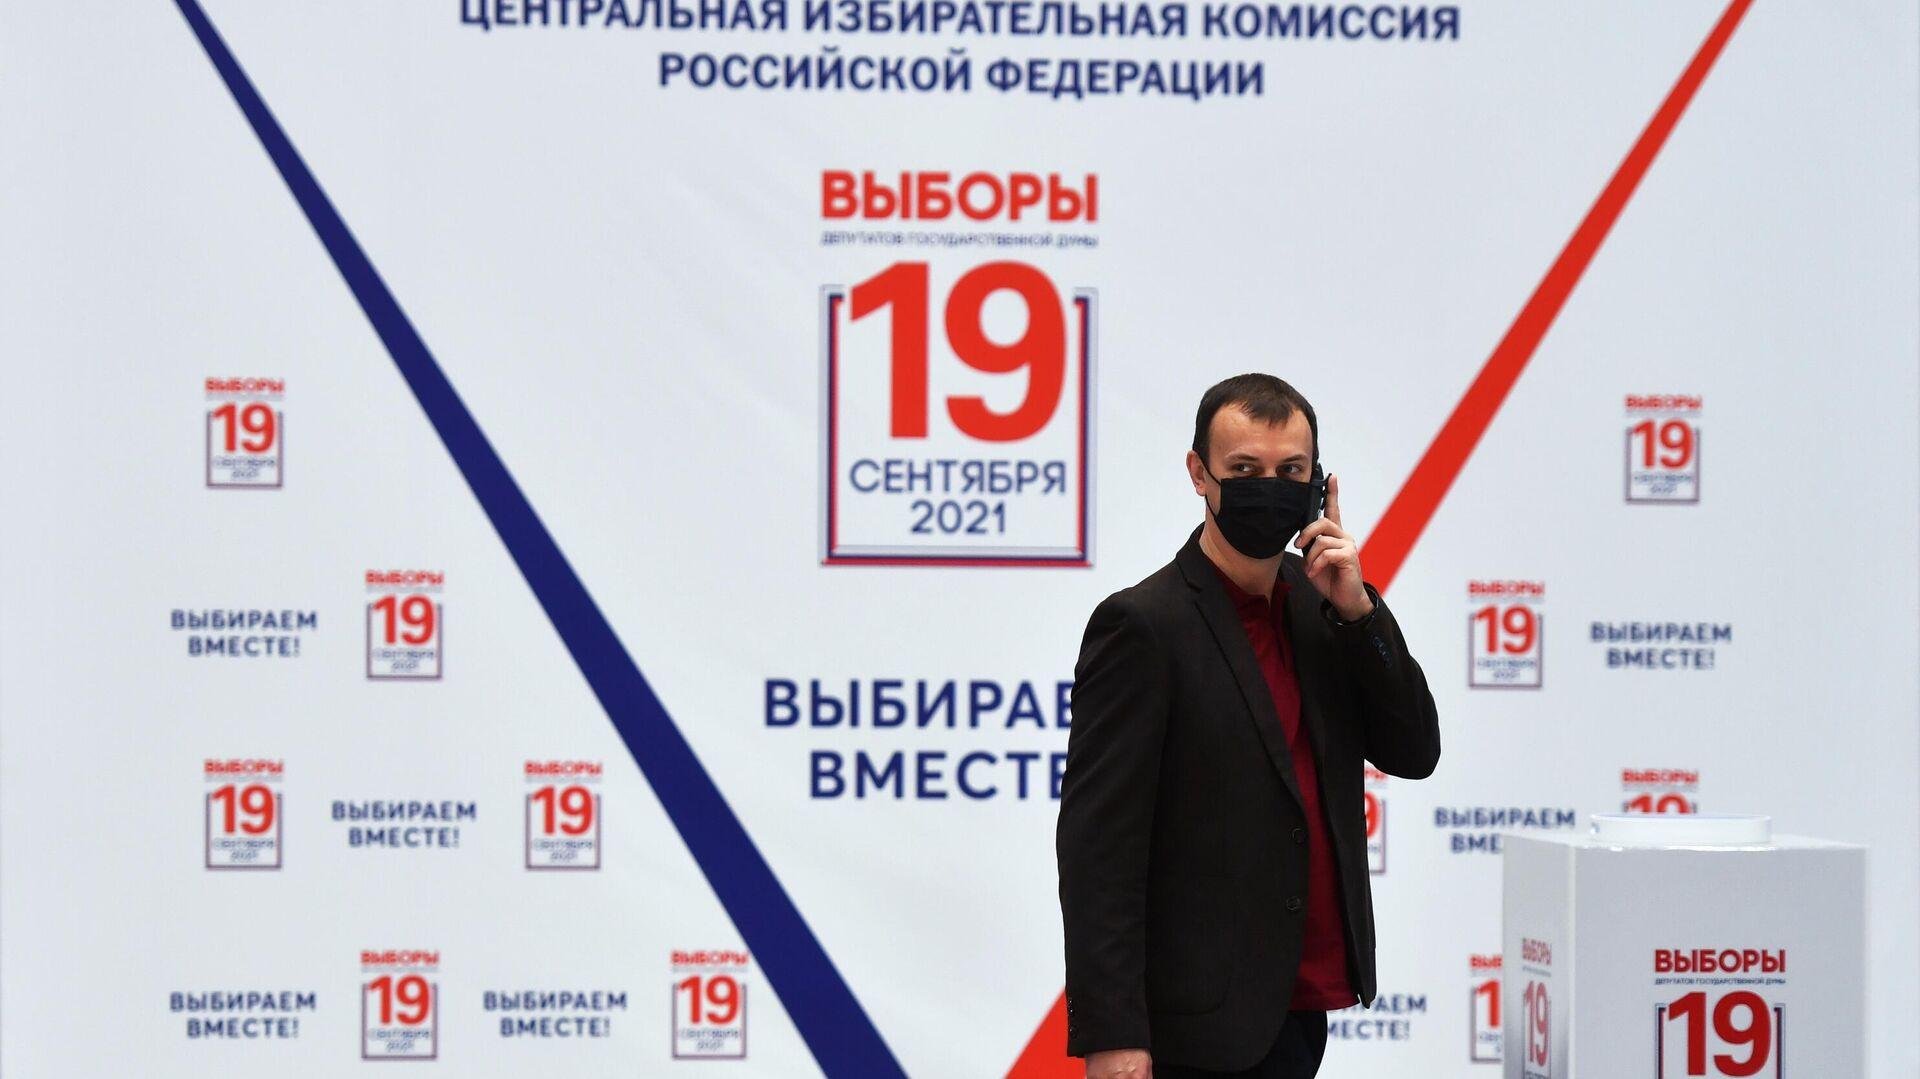 В России пройдут прямые выборы руководителей девяти регионов